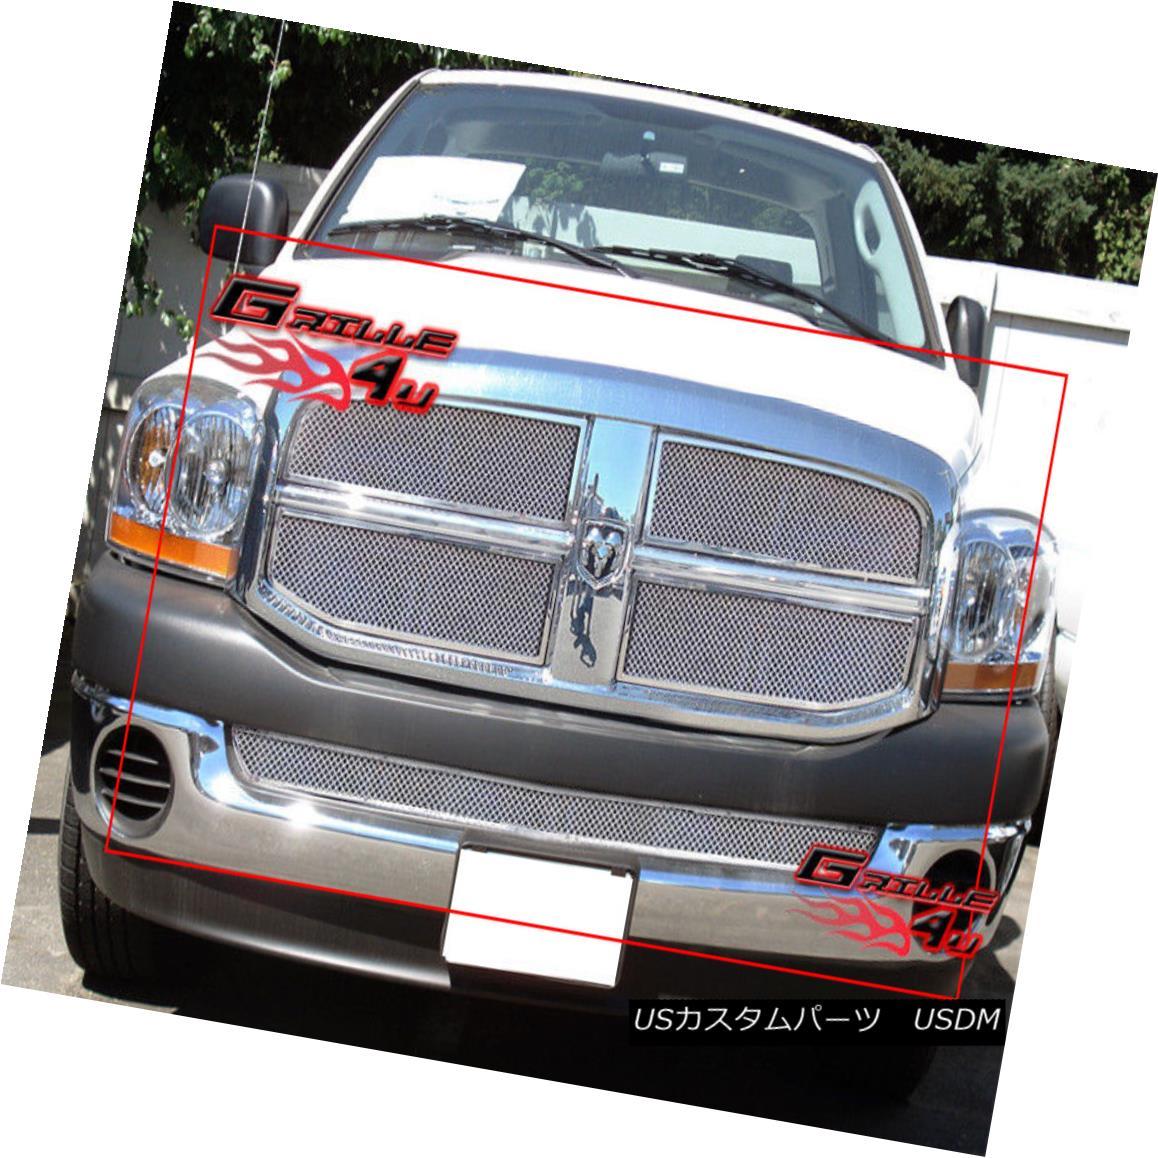 グリル Fits 2006-2008 Dodge Ram Stainless Steel Mesh Grille Combo 2006-2008 Dodge Ramステンレスメッシュグリルコンボに適合